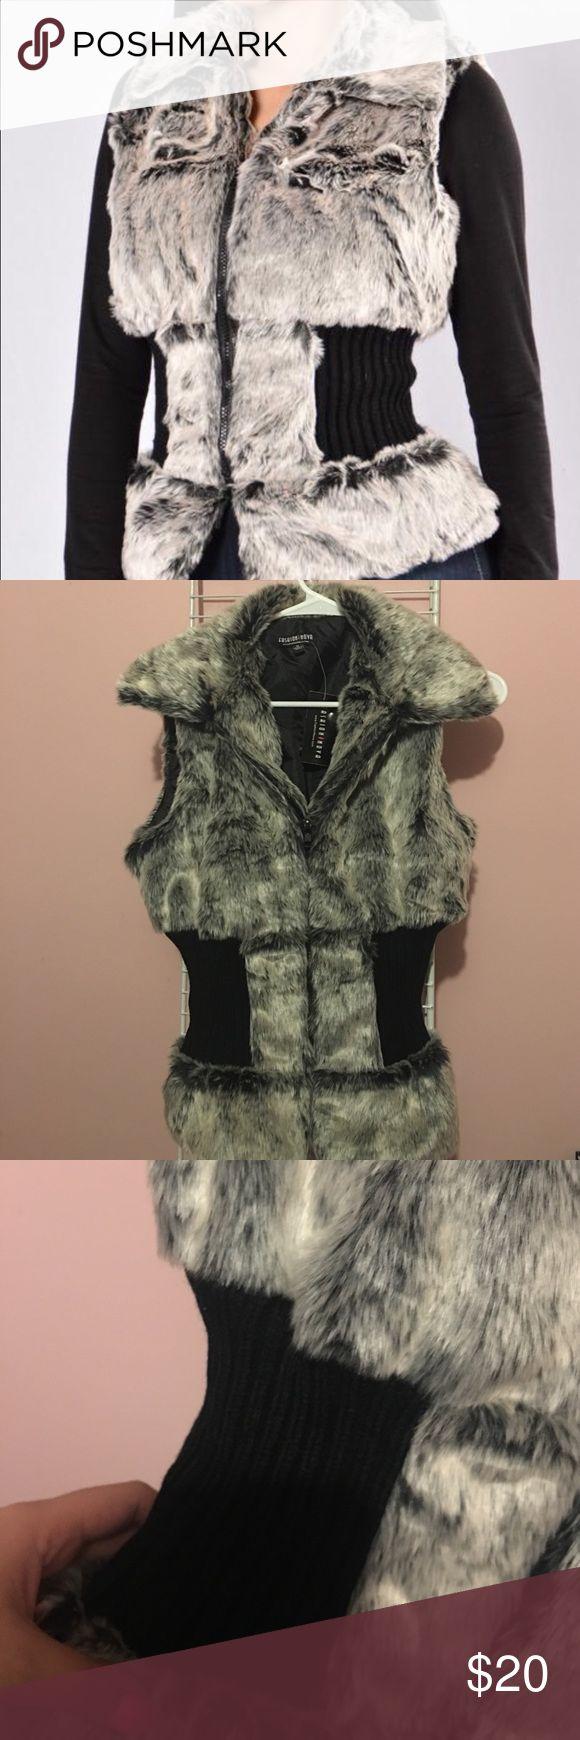 Faux fur vest Adorable faux fur vest. Brand New! Cinched around waist to flatter curves! Jackets & Coats Vests